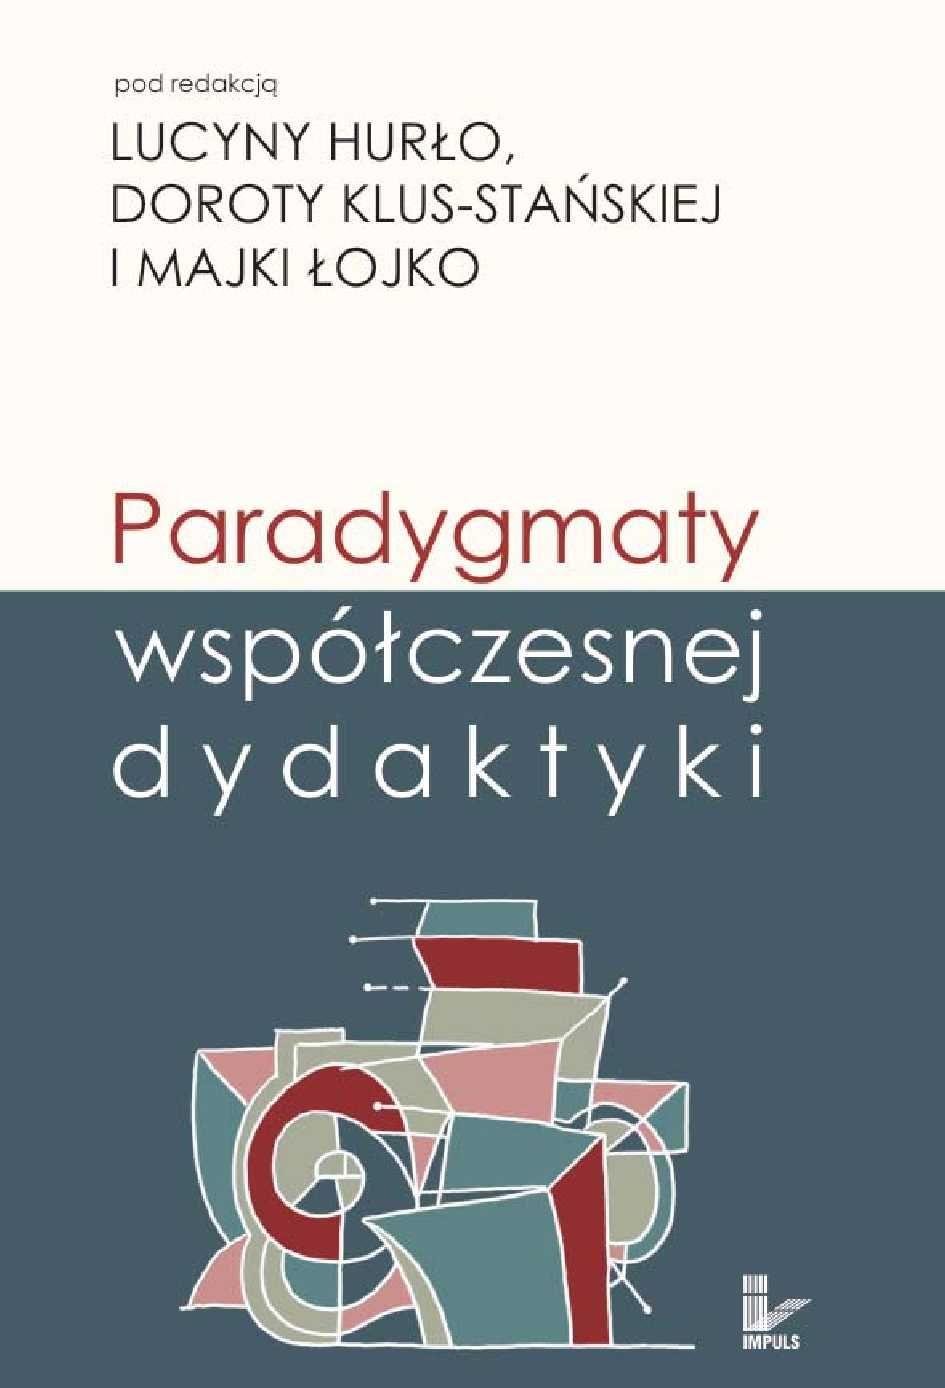 Paradygmaty współczesnej dydaktyki - Ebook (Książka PDF) do pobrania w formacie PDF